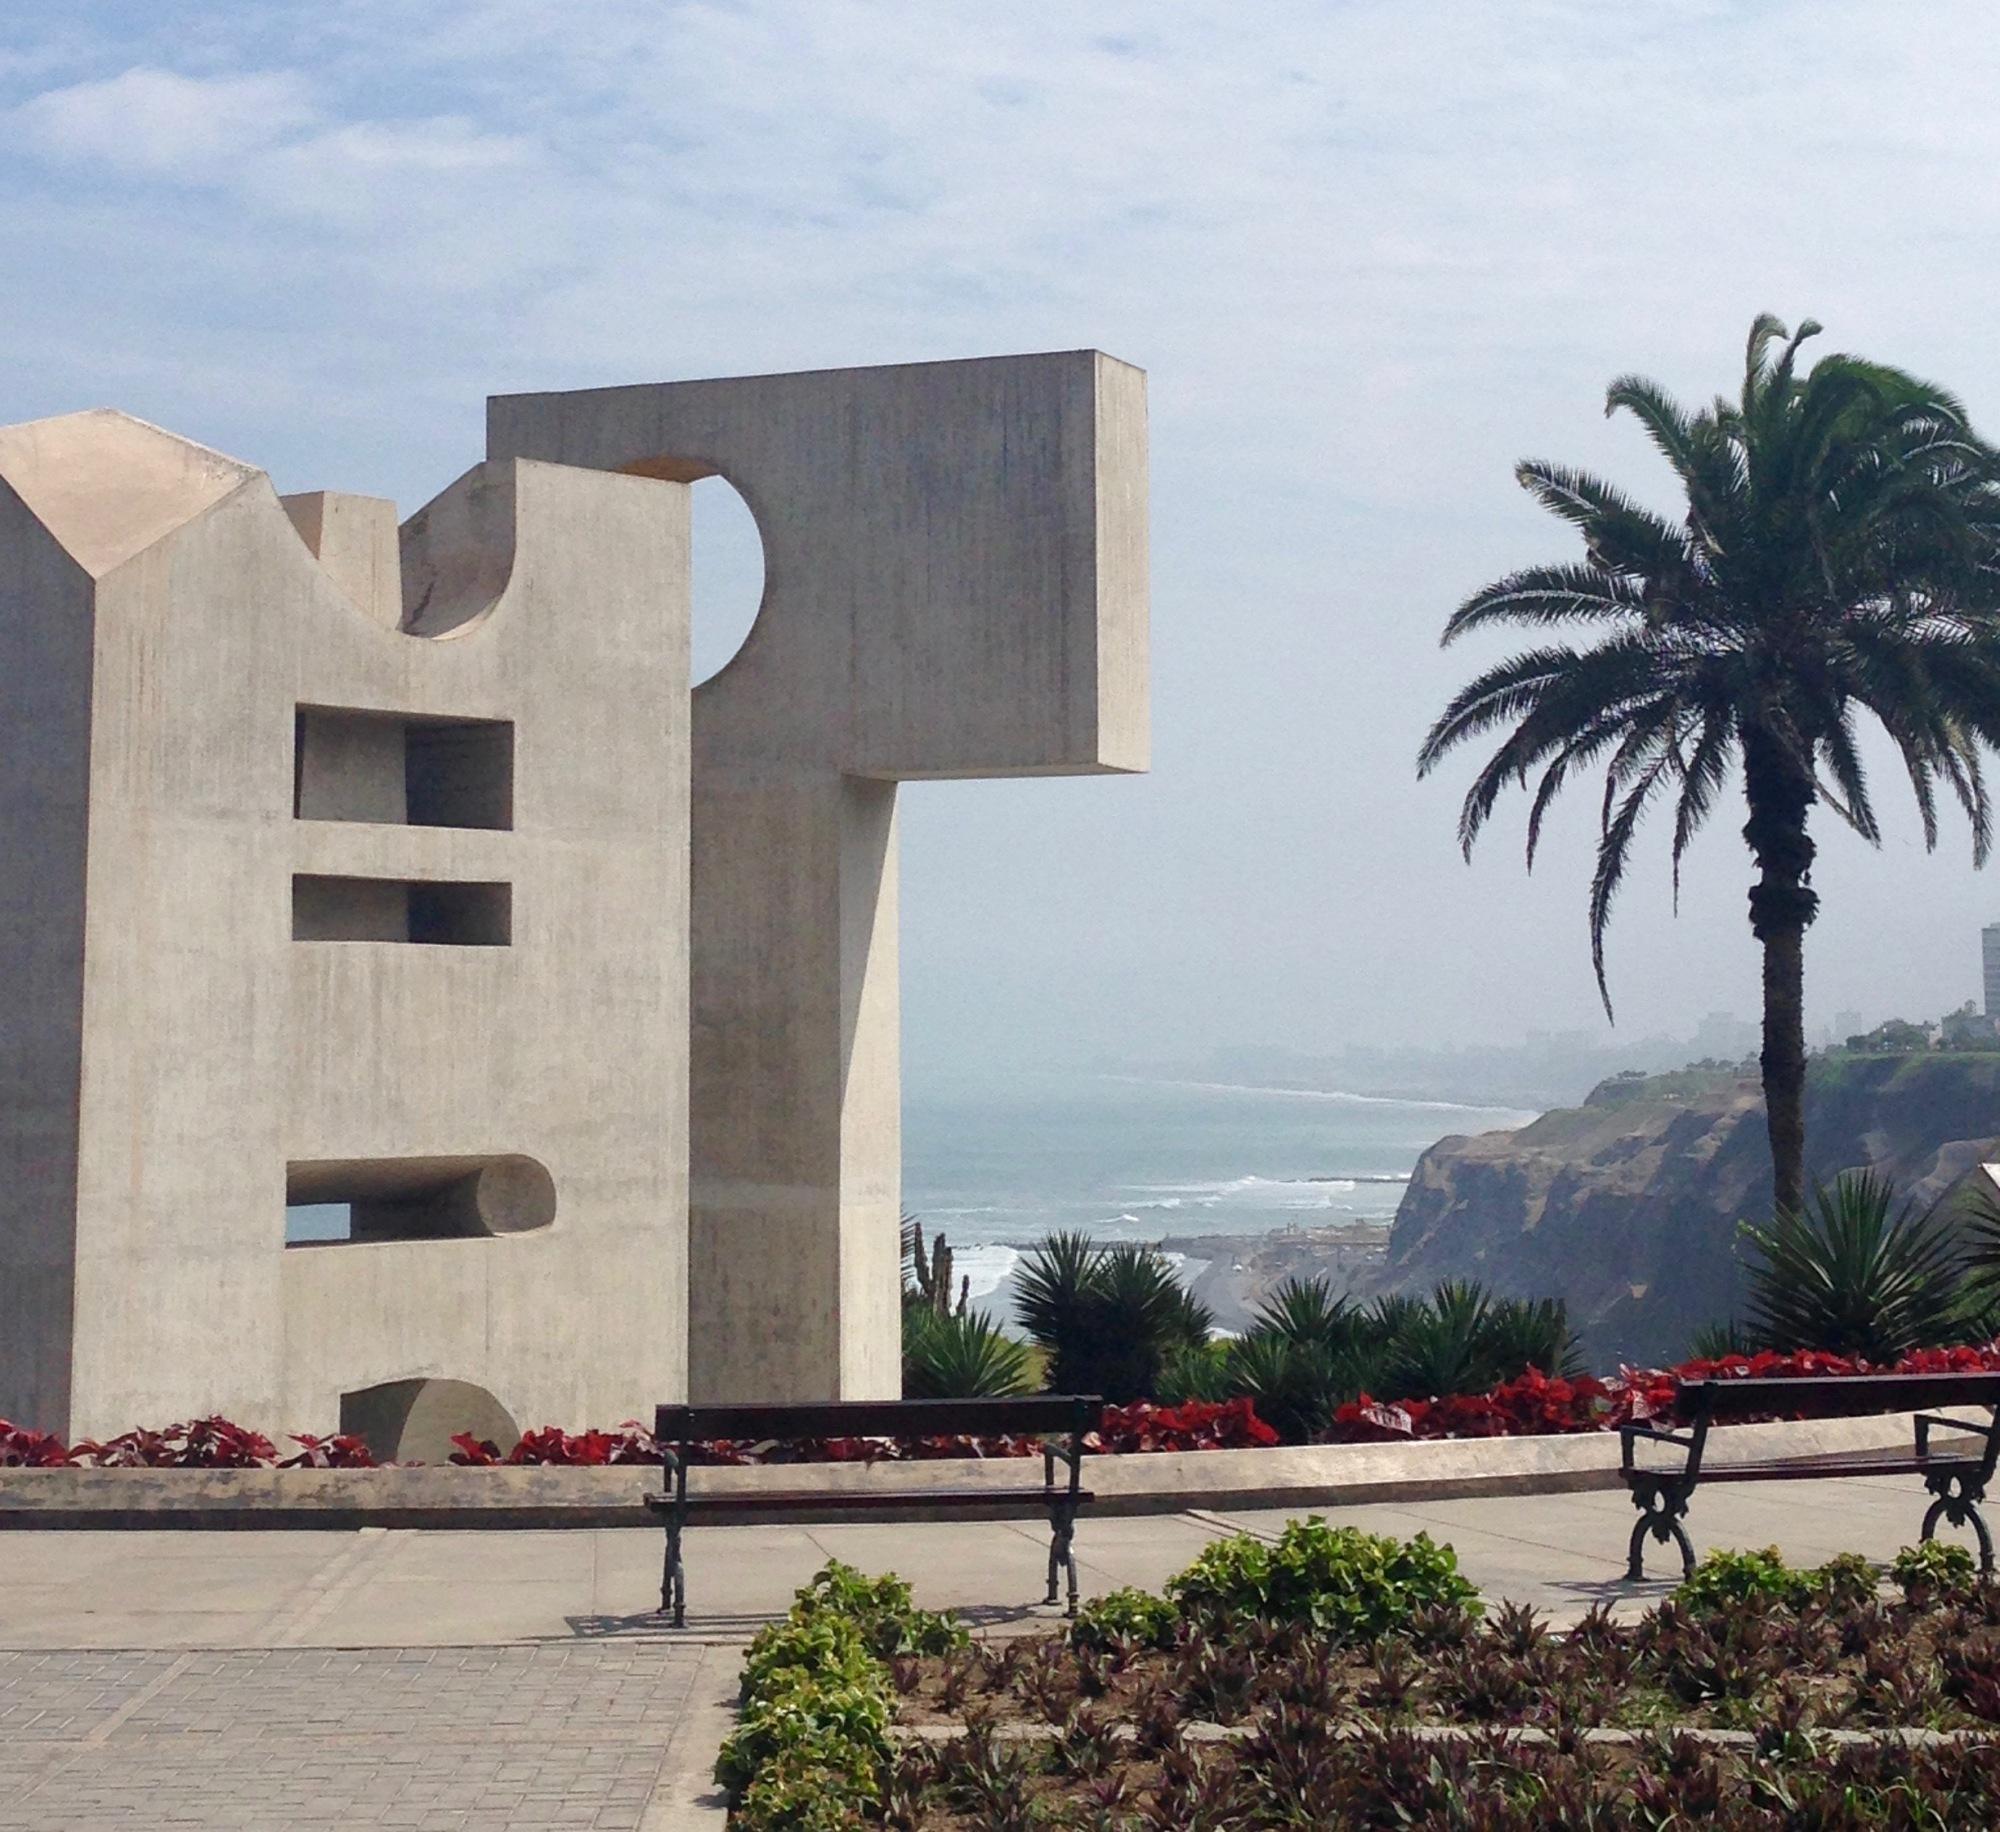 Statue in Miraflores, Lima Peru